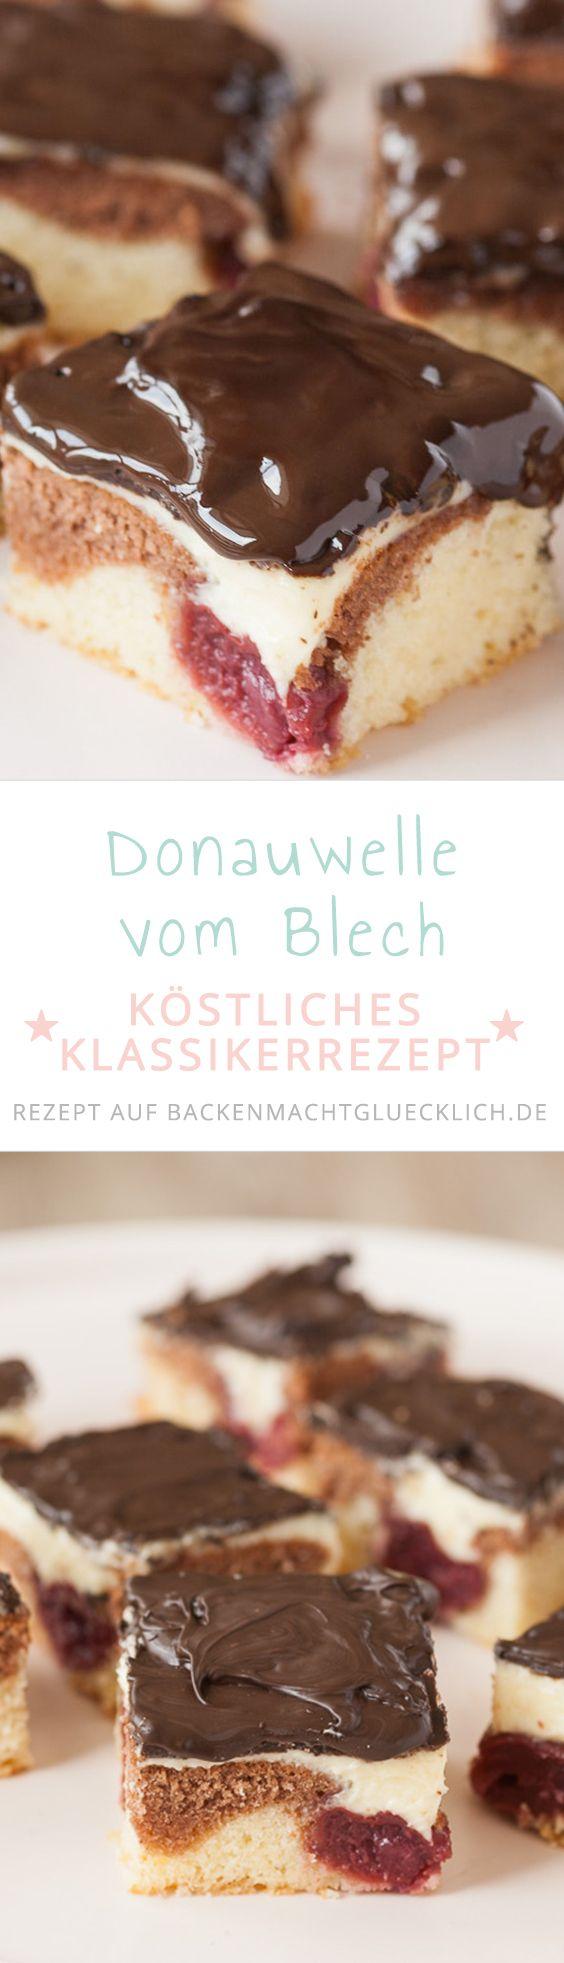 Klassische Donauwelle mit Pudding-Buttercreme vom Blech: Mit diesem Donauwellen-Rezept gelingt euch der beliebte Kirschkuchen garantiert!